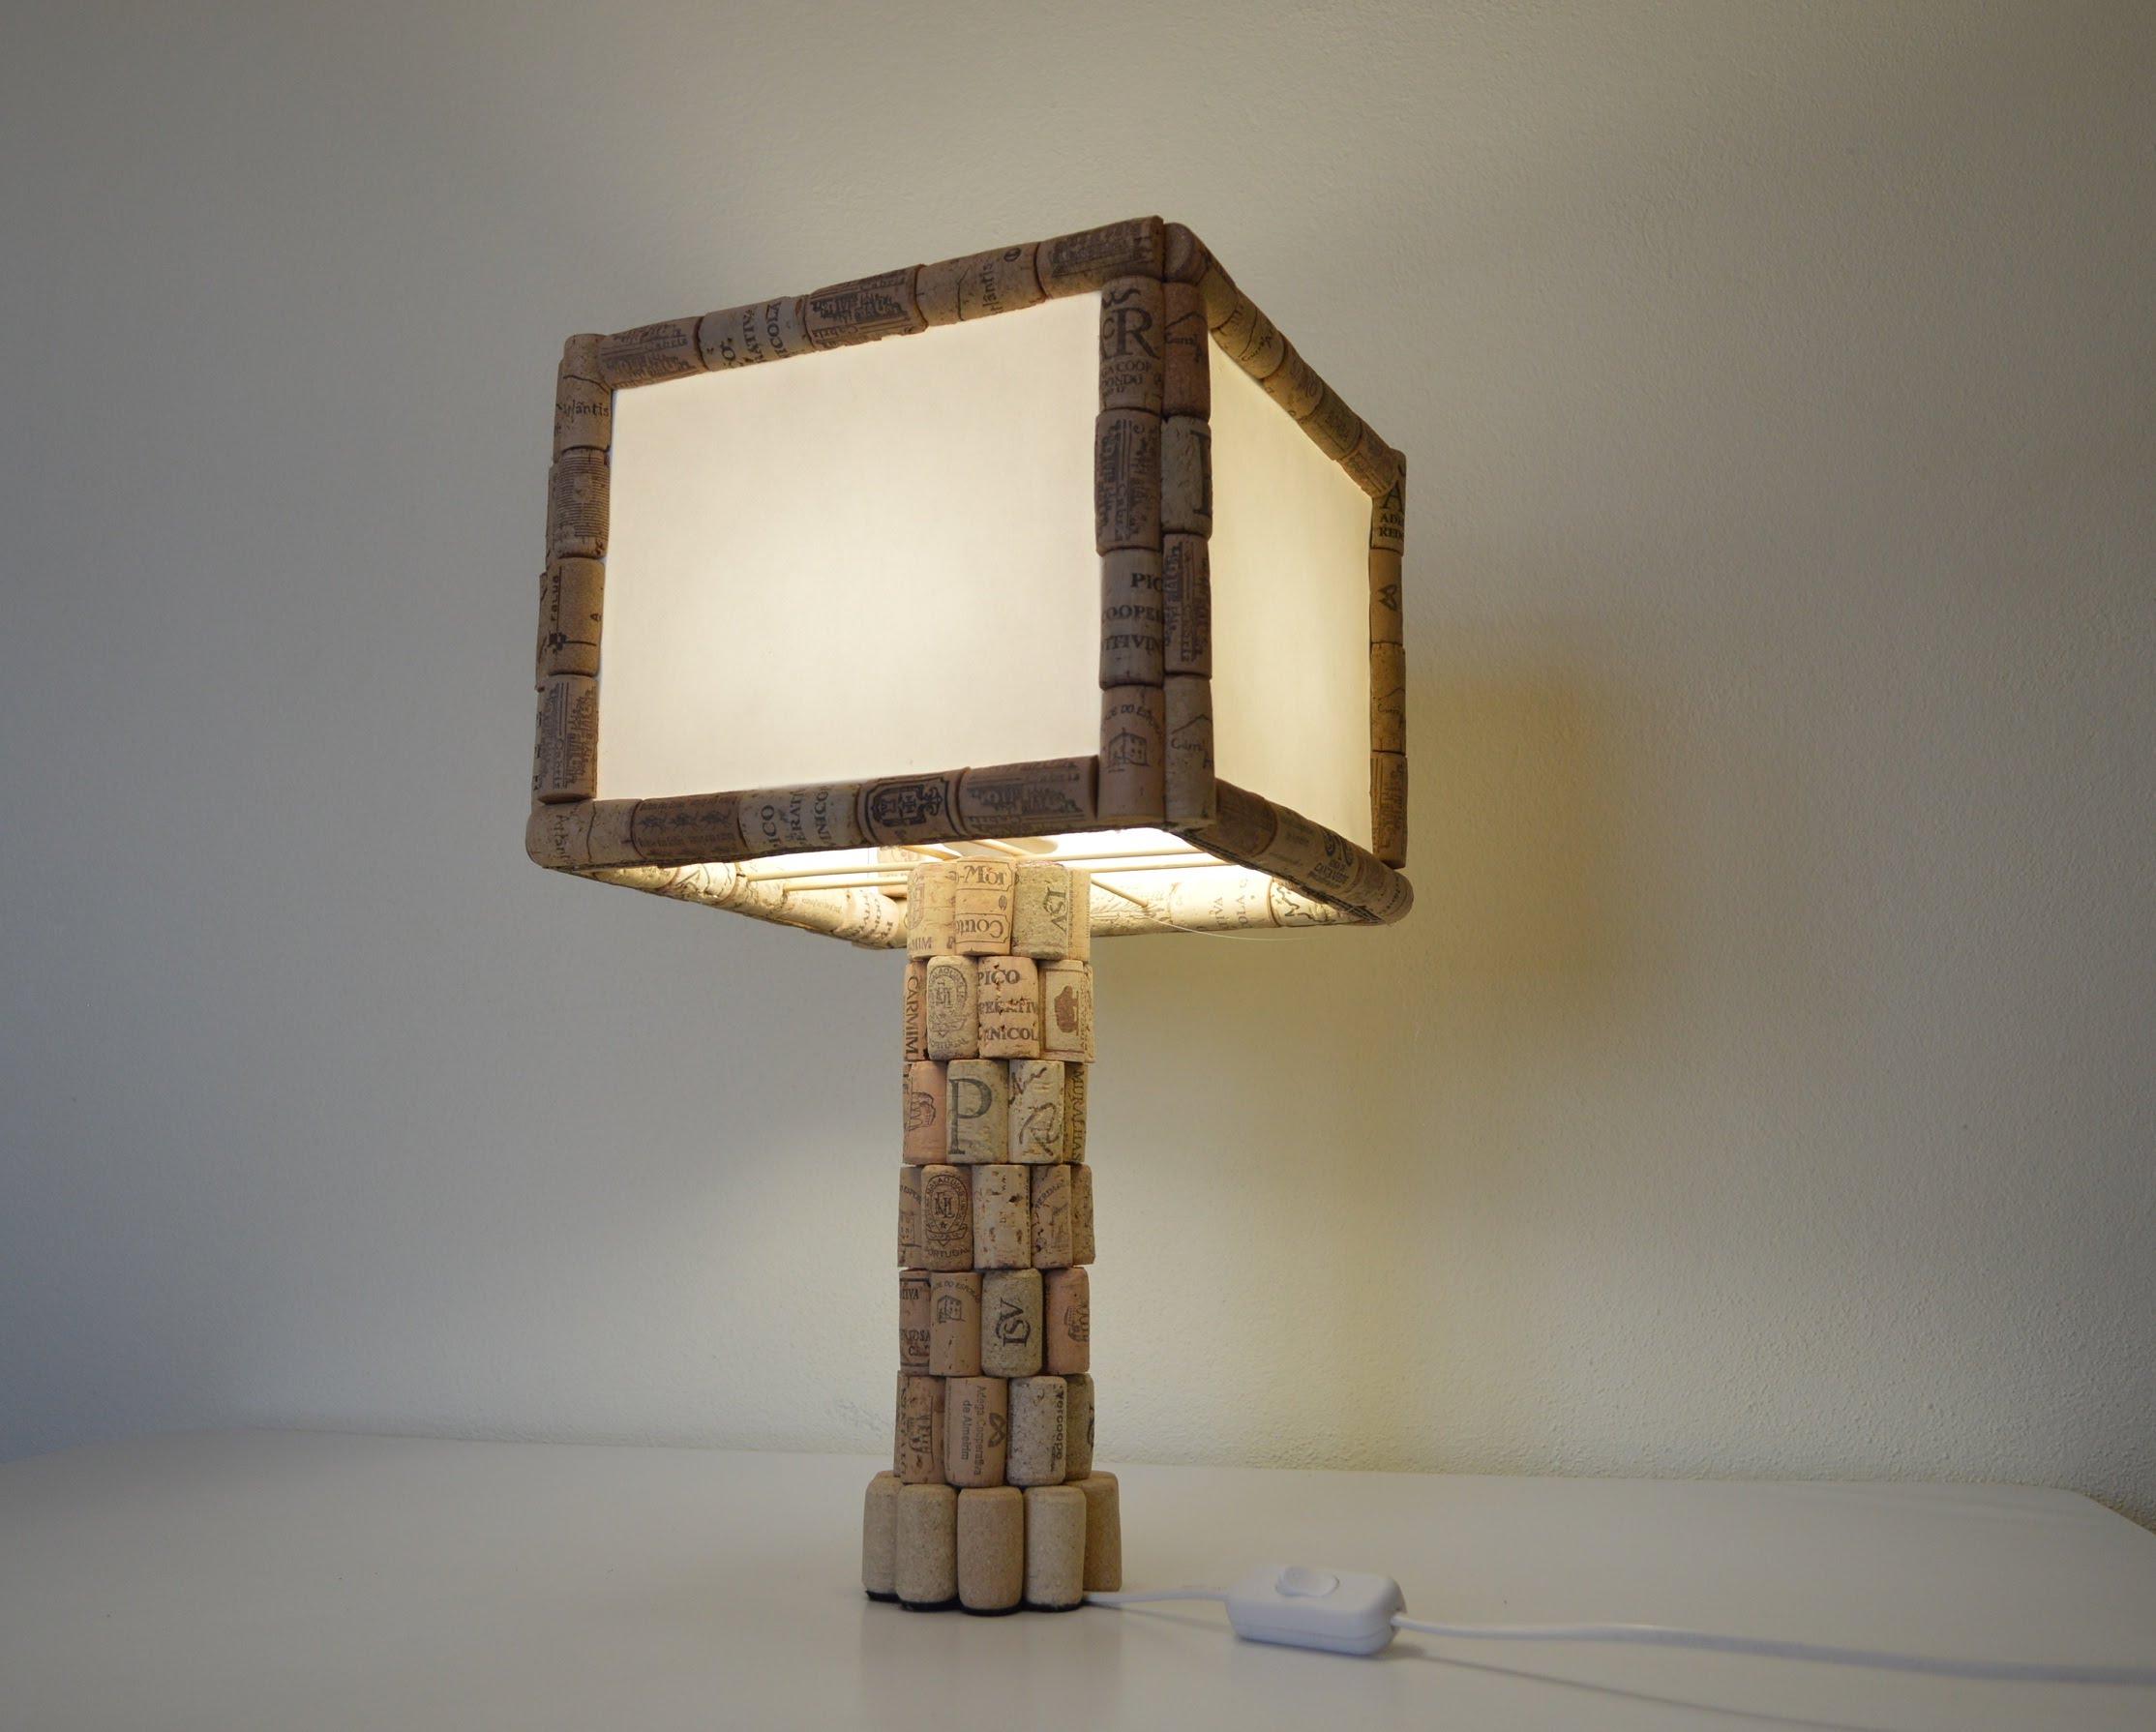 Trucos y consejos para la decoraci n de l mparas for Decoracion de lamparas